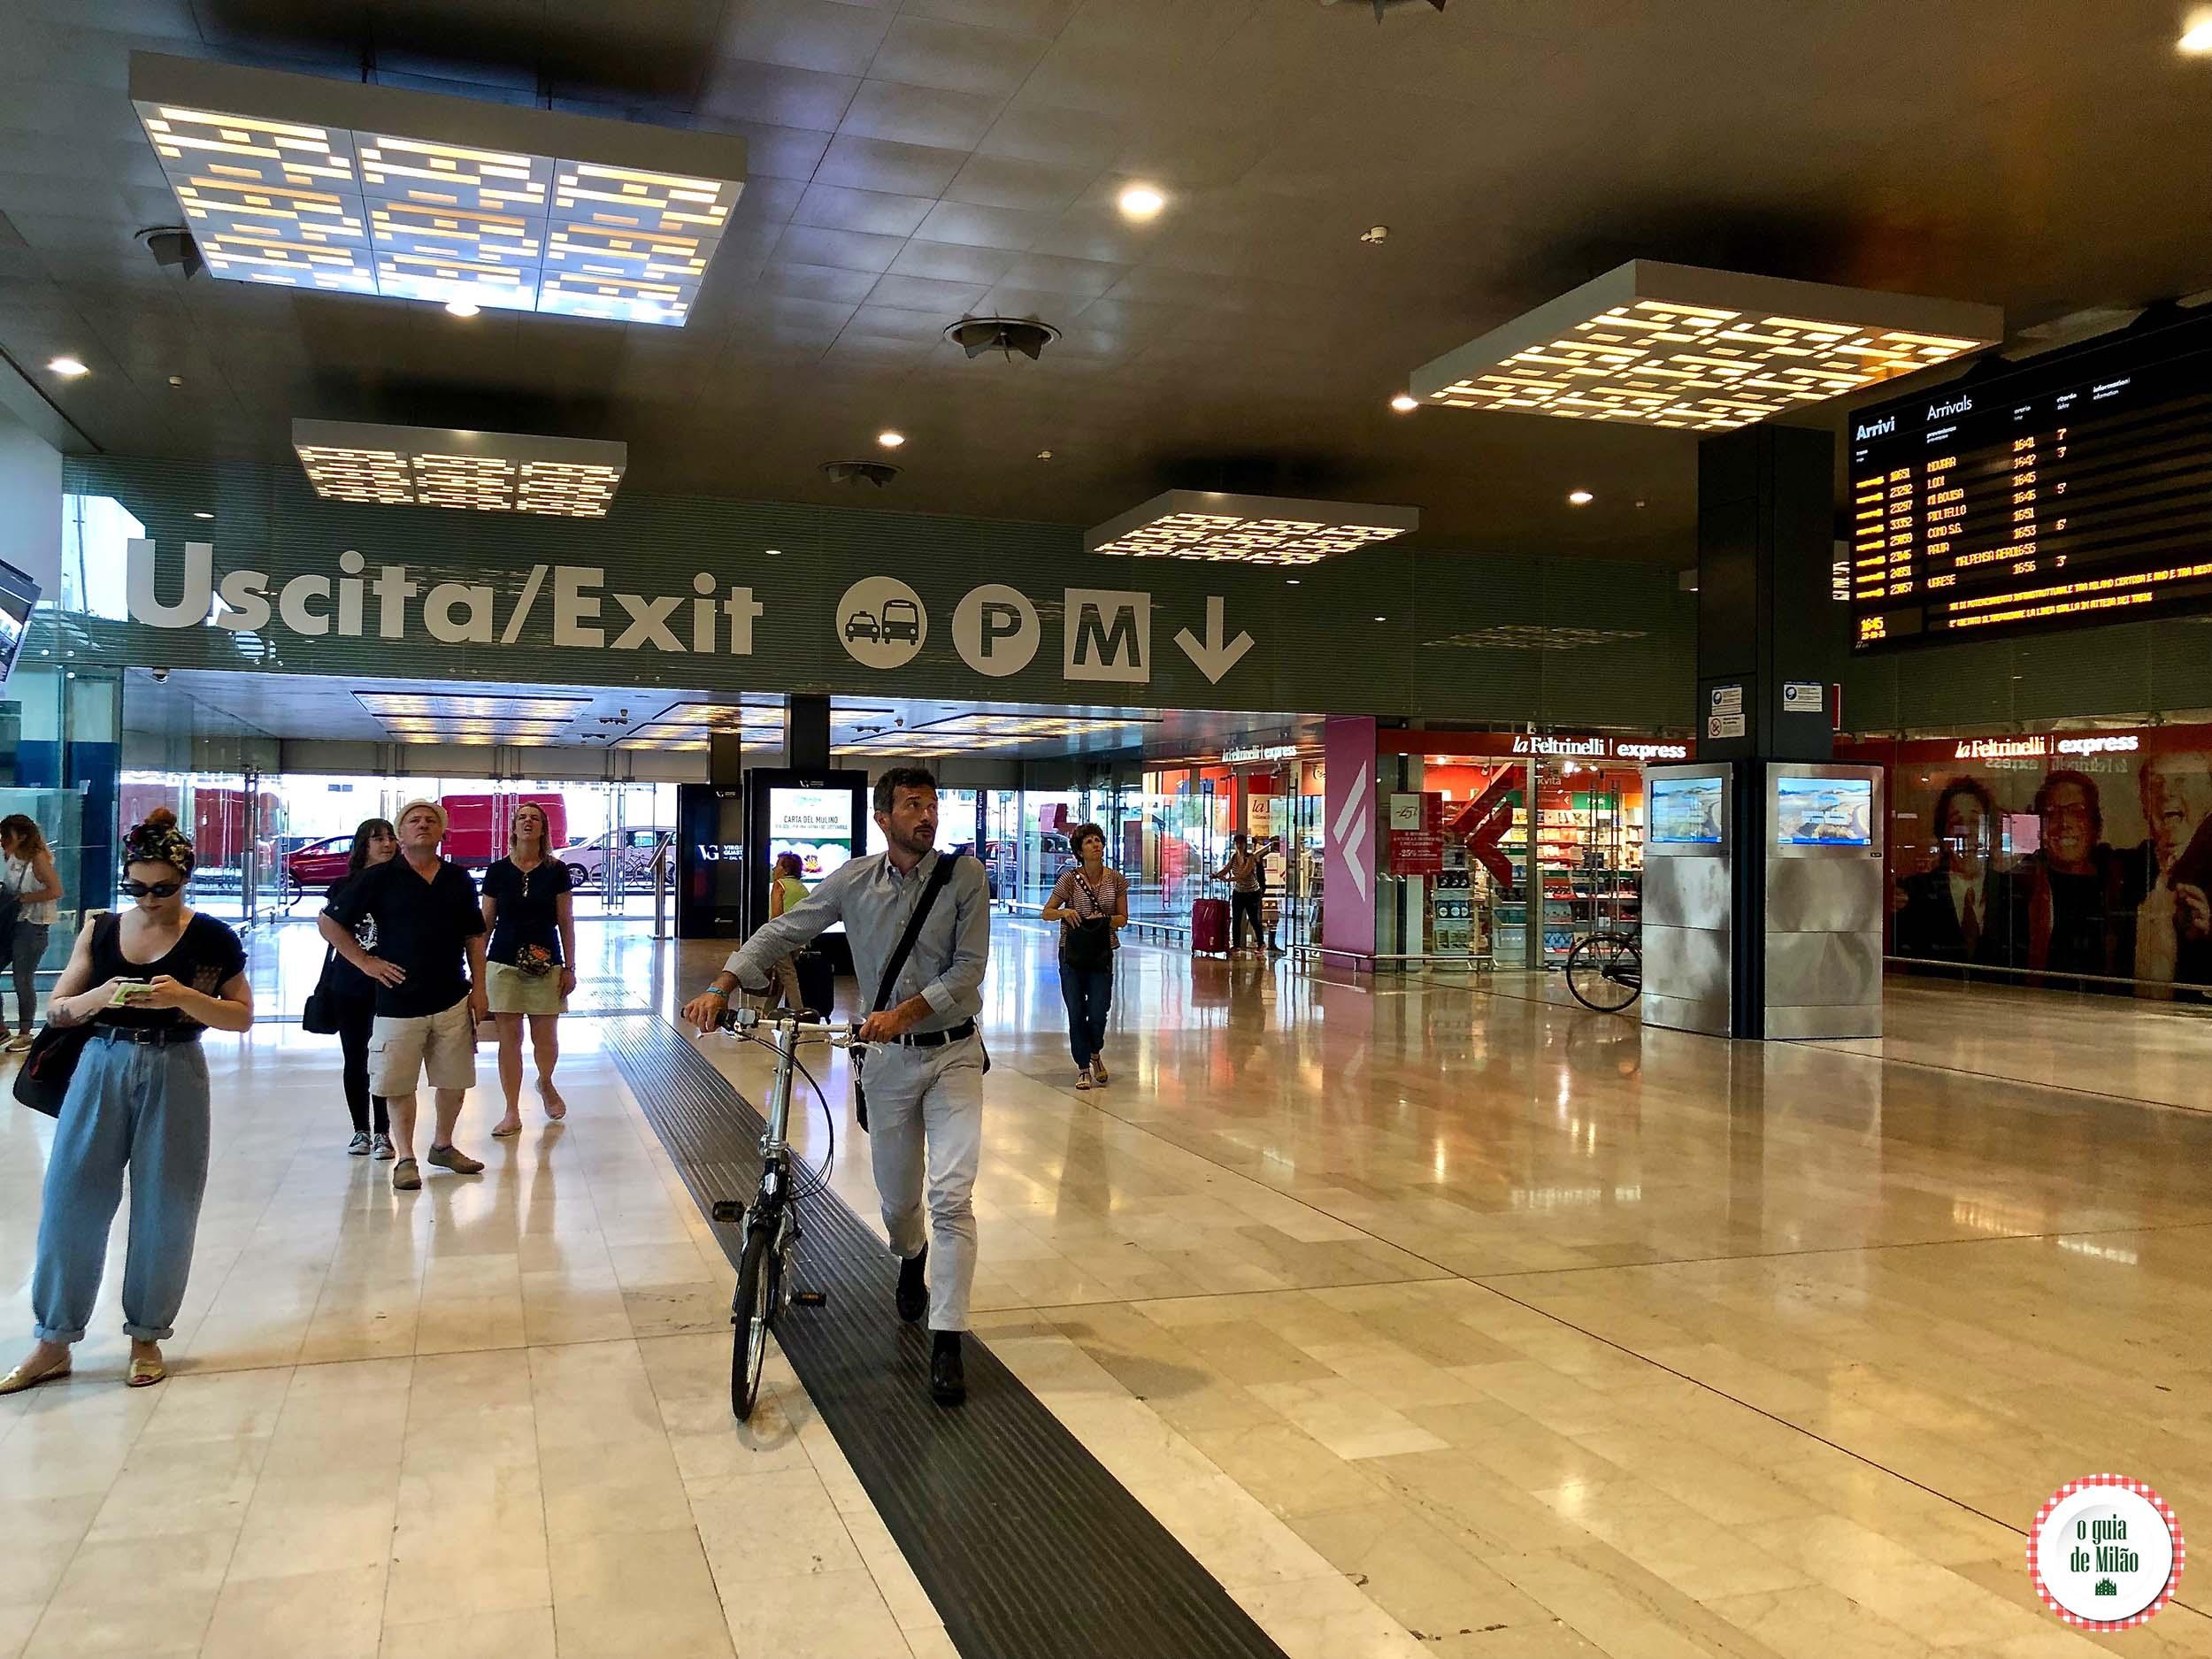 Estação Porta Garibaldi em Milão